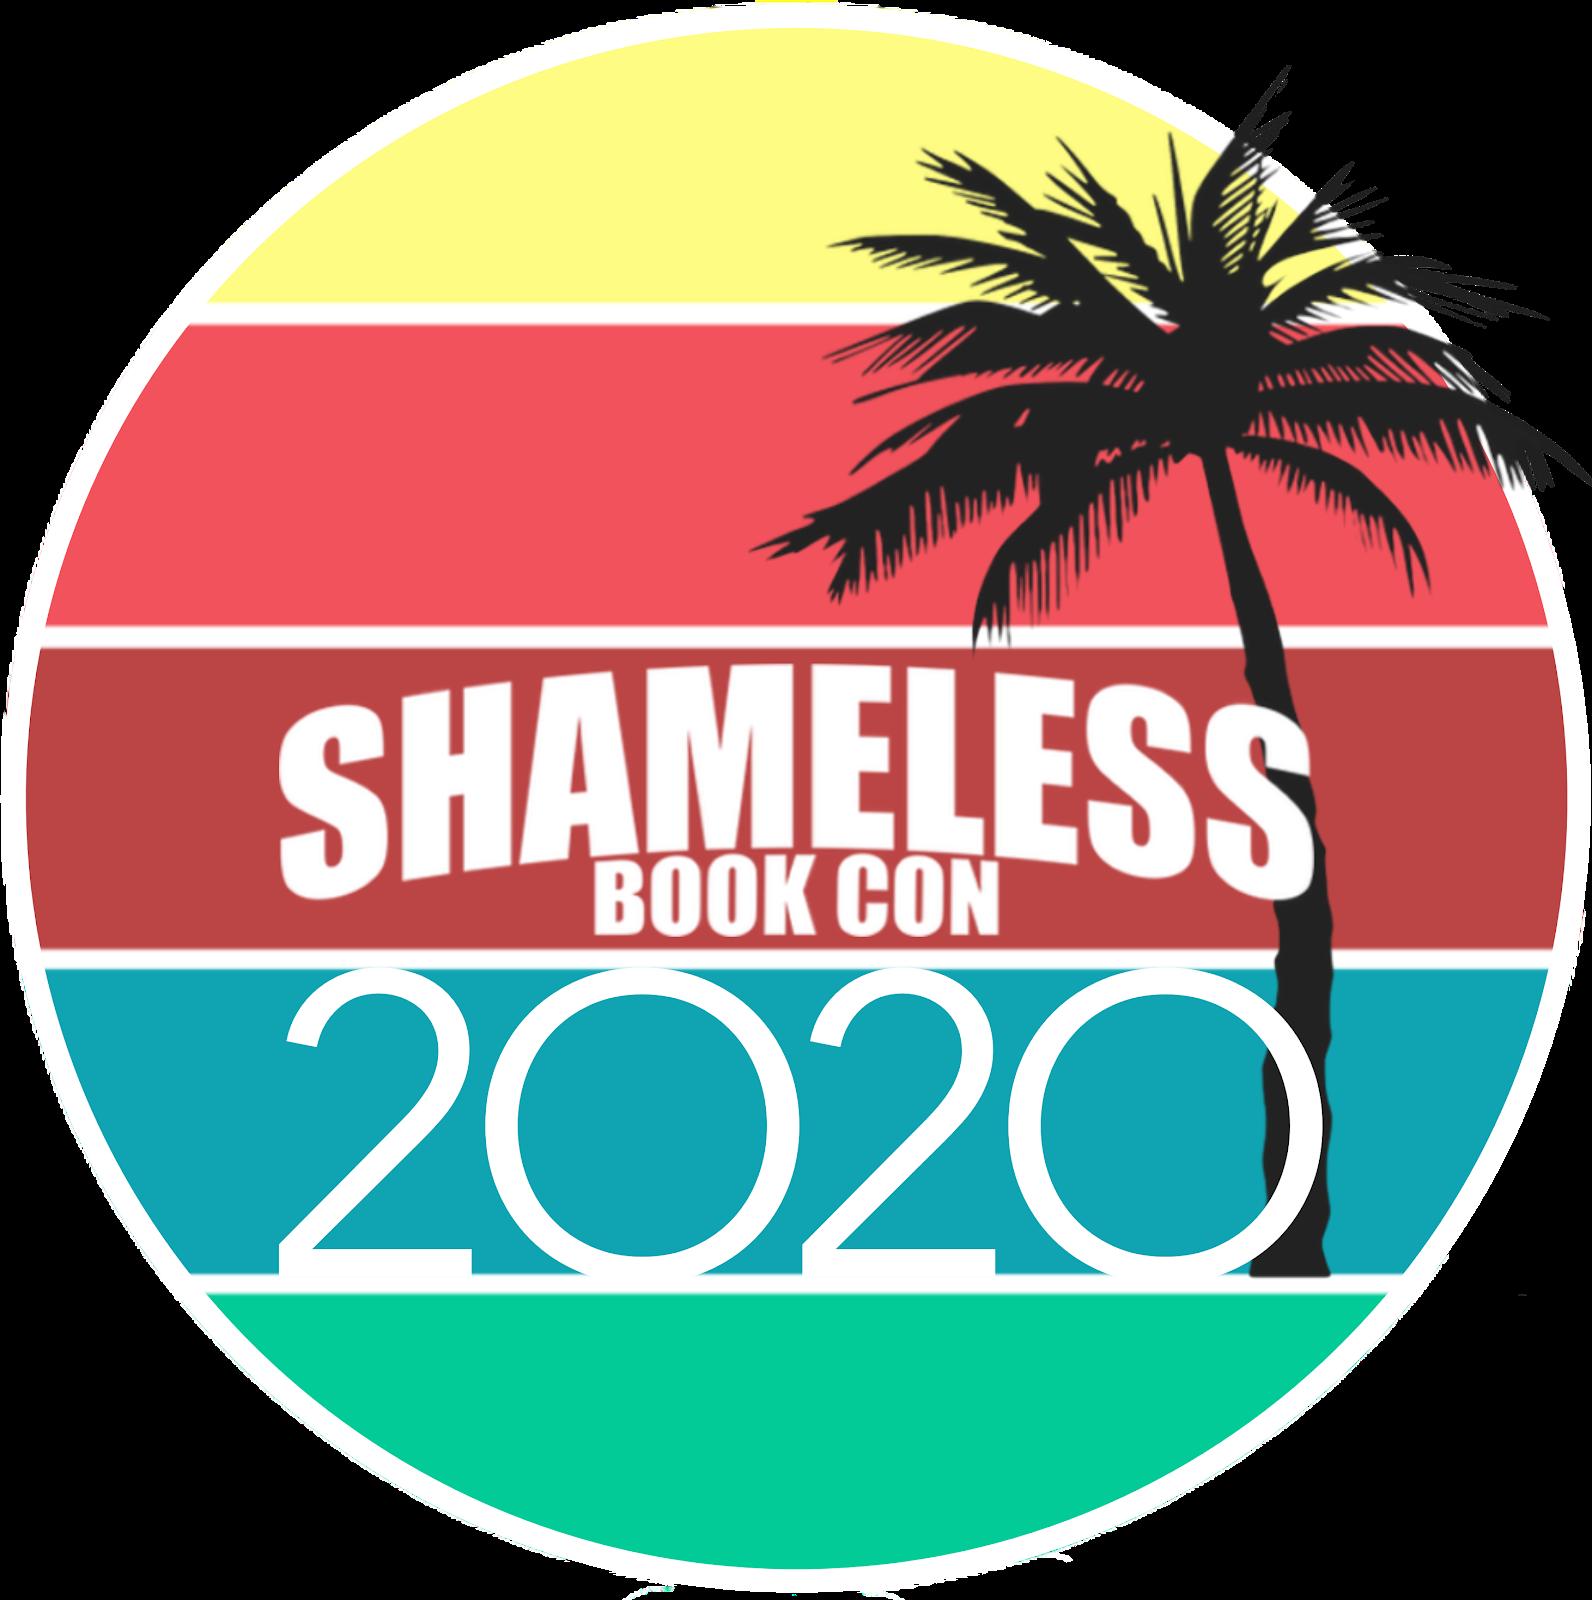 2020 Shameless